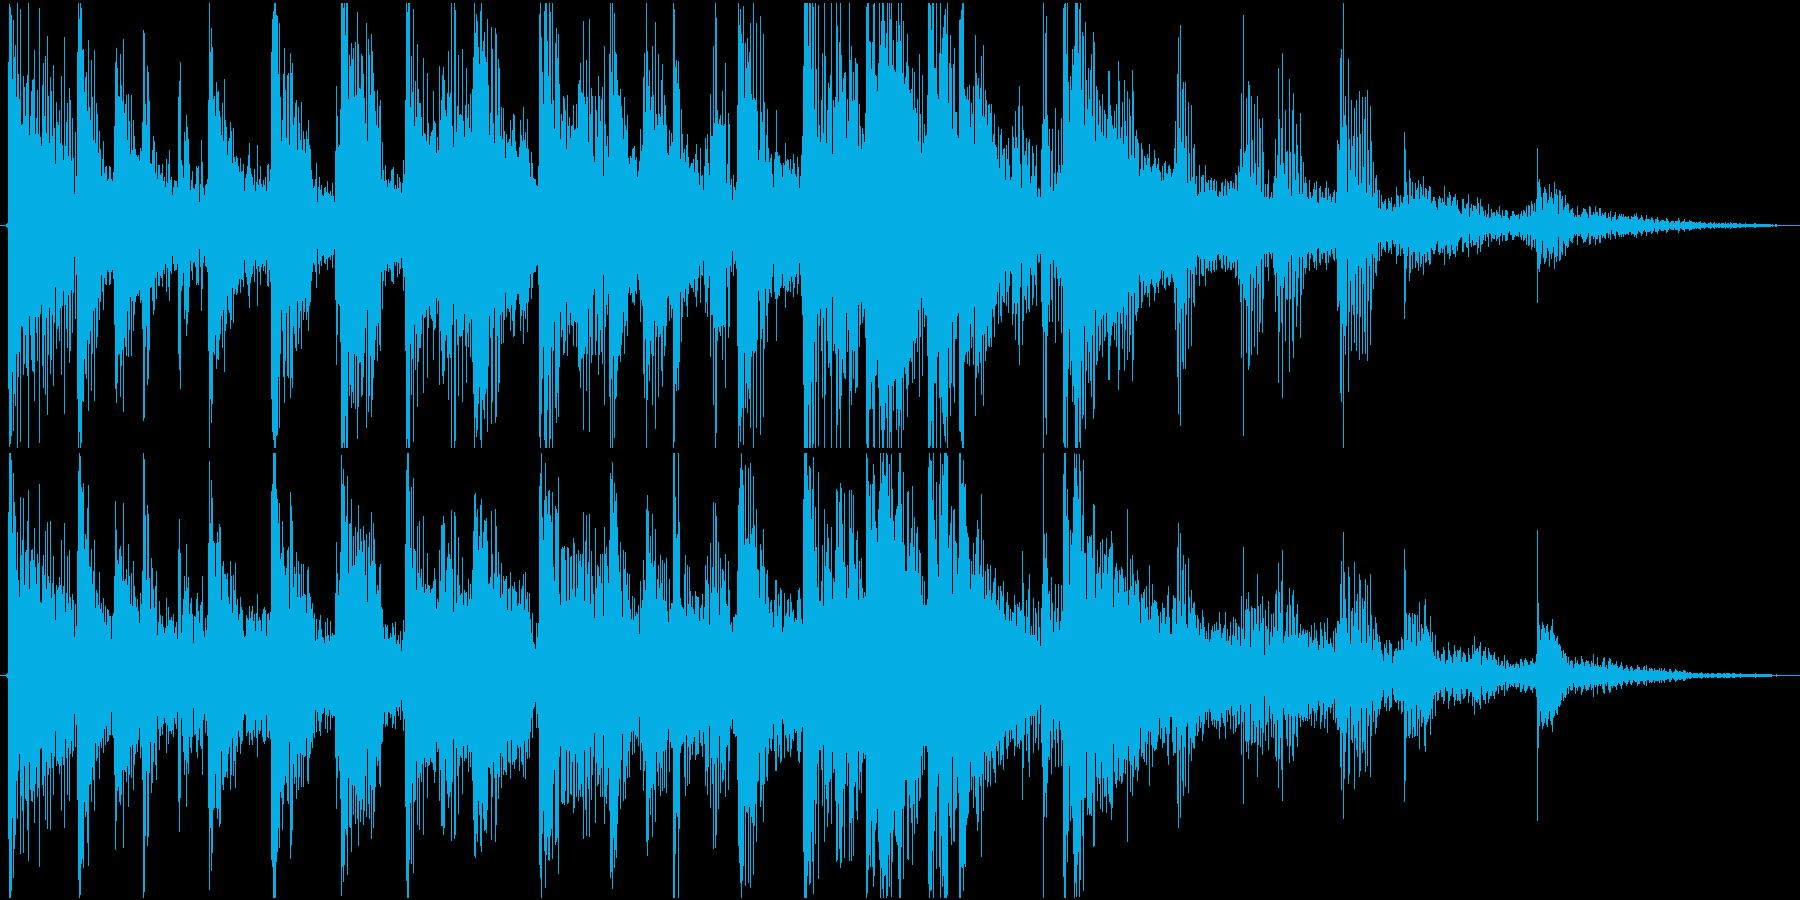 面白いはしゃぐ雰囲気エンタメ系_場面転換の再生済みの波形